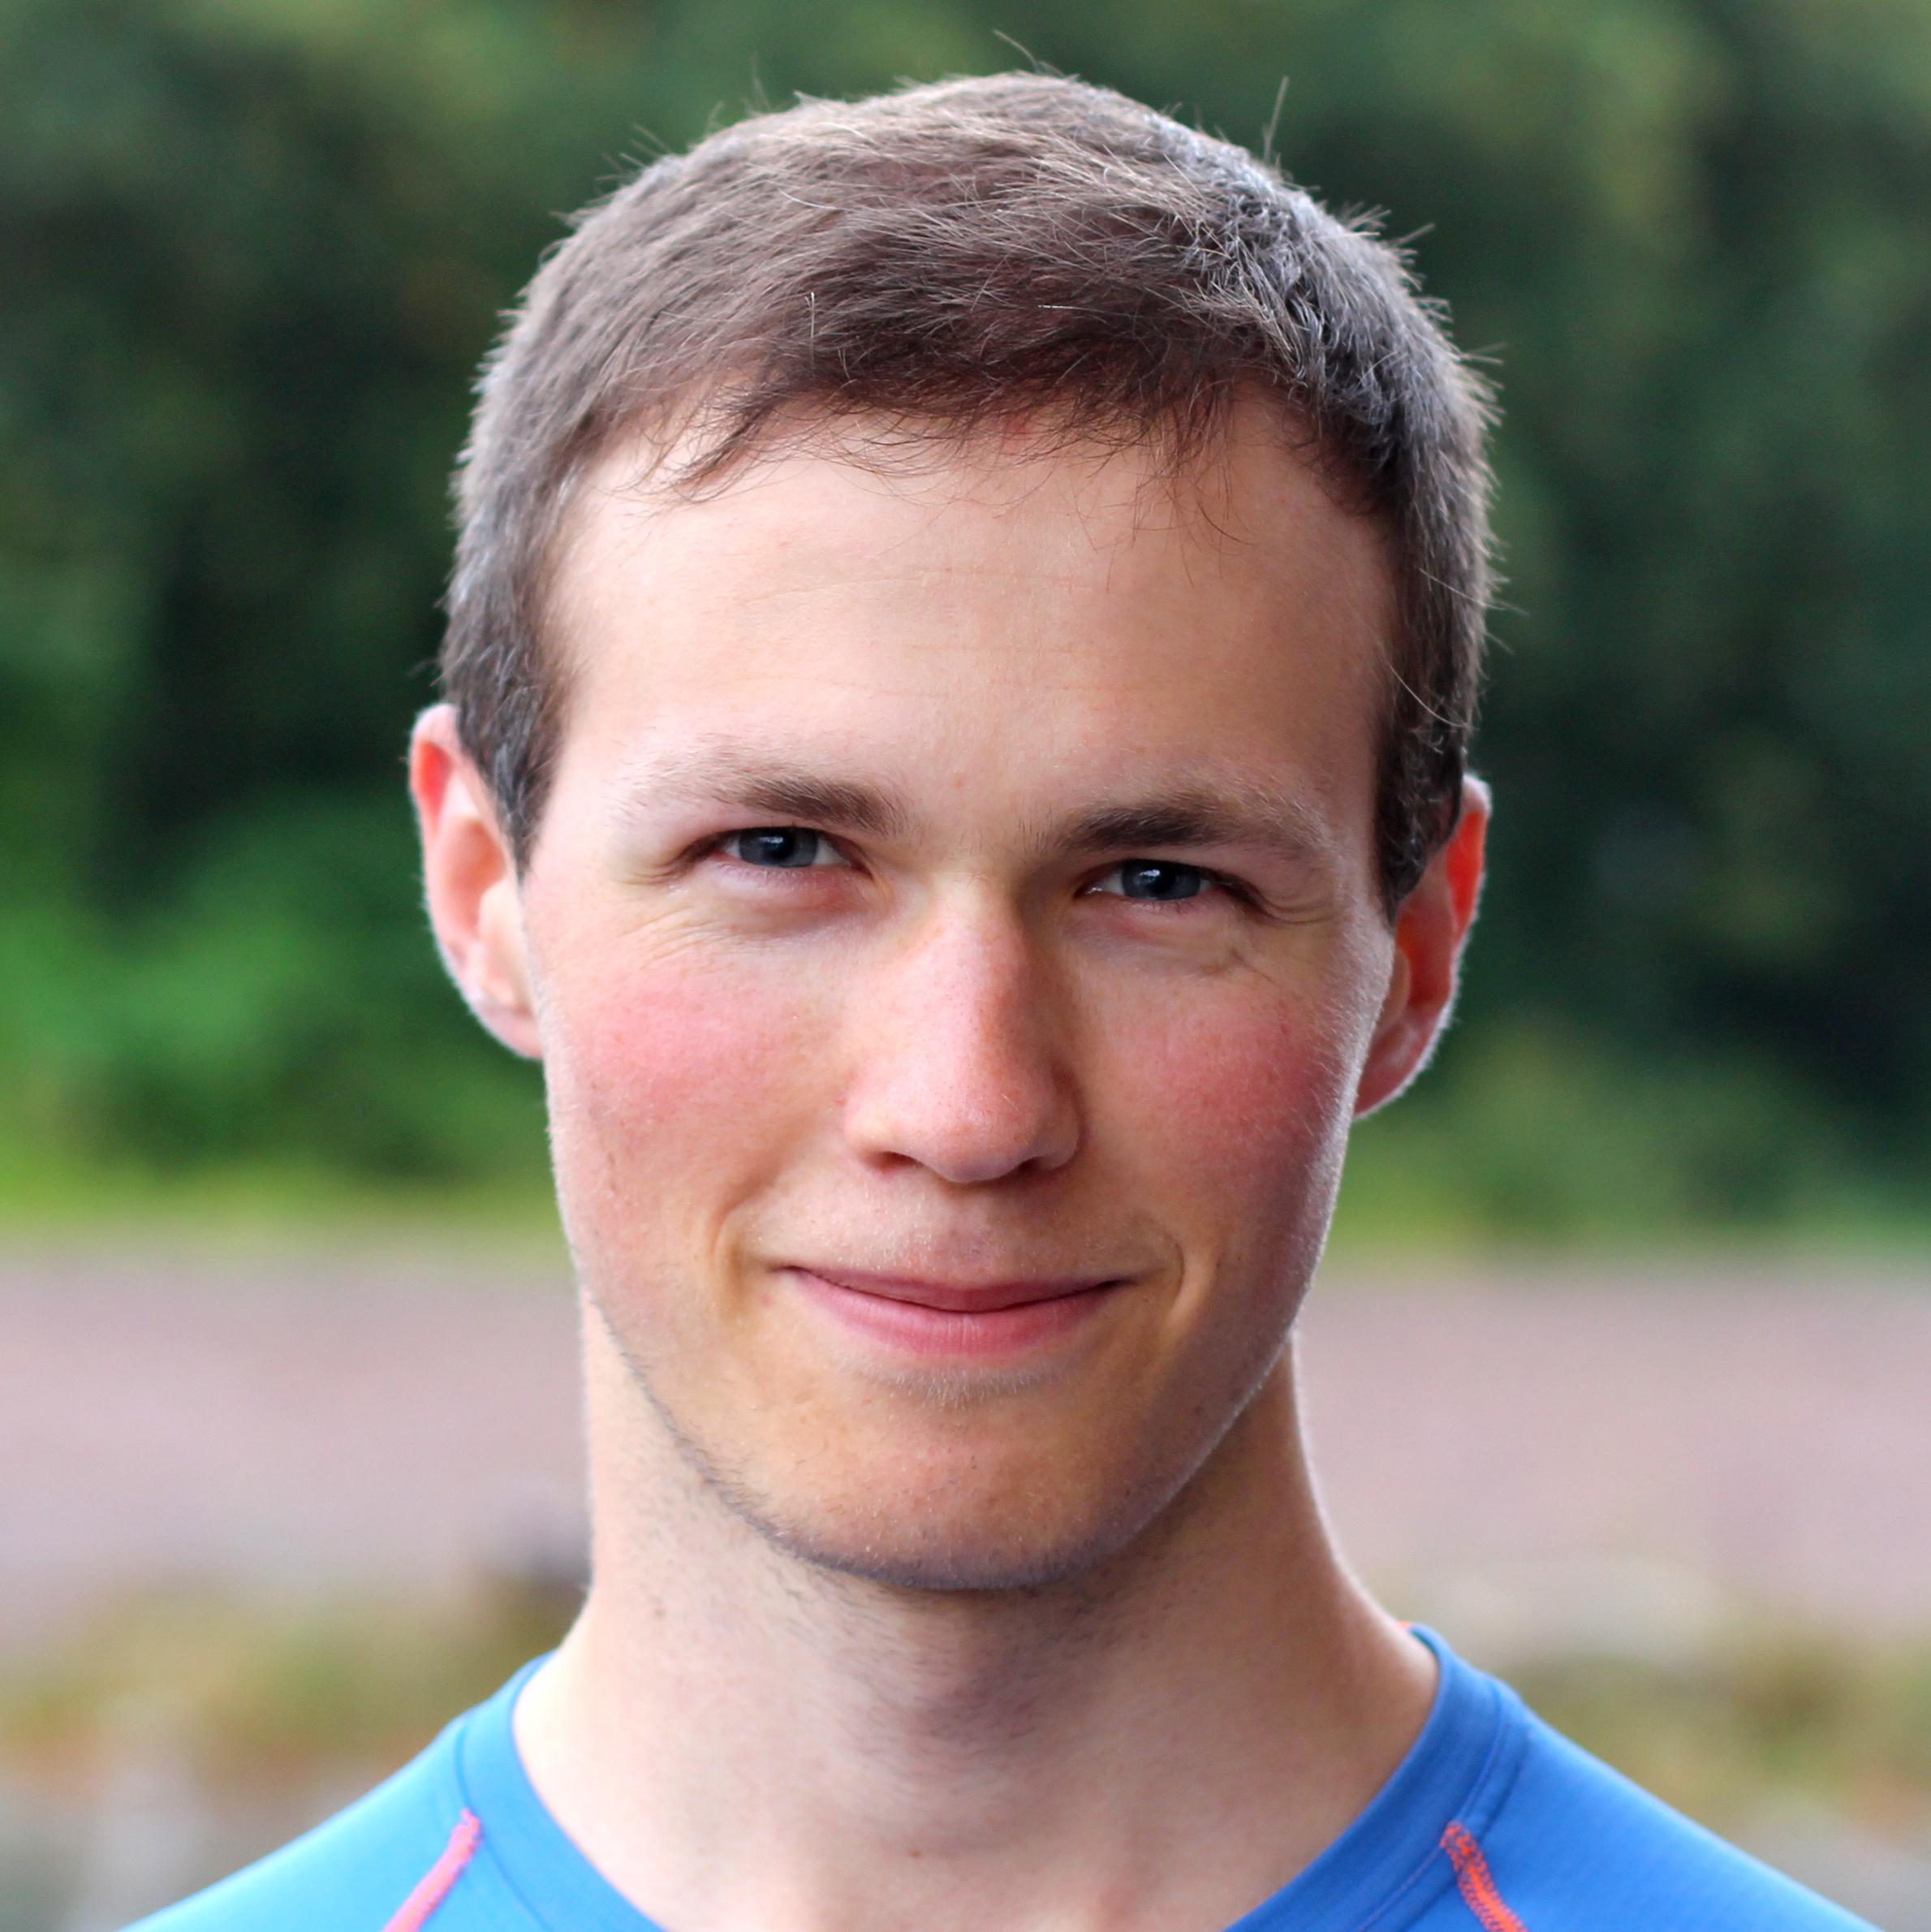 Clemens Degenhardt